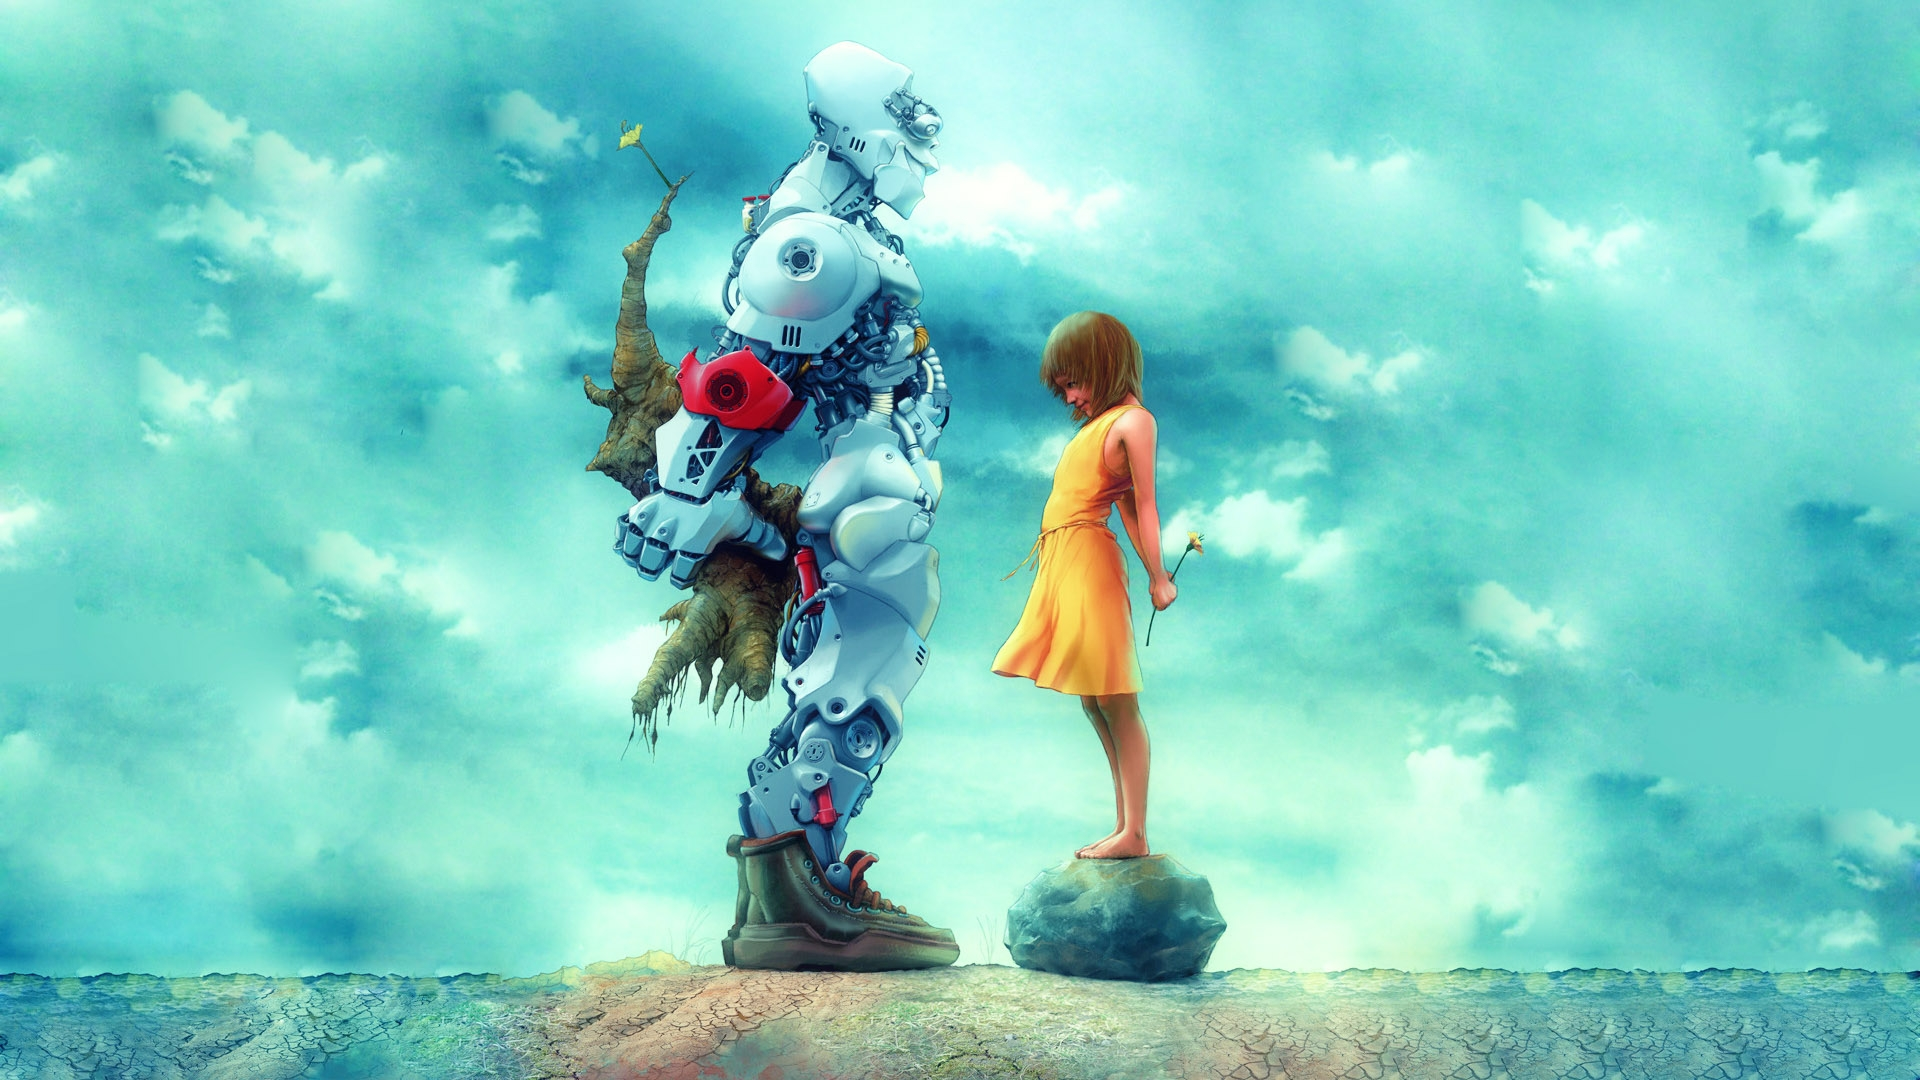 Sci Fi Futuristic Cyborg Robot Cute Children Art Mood